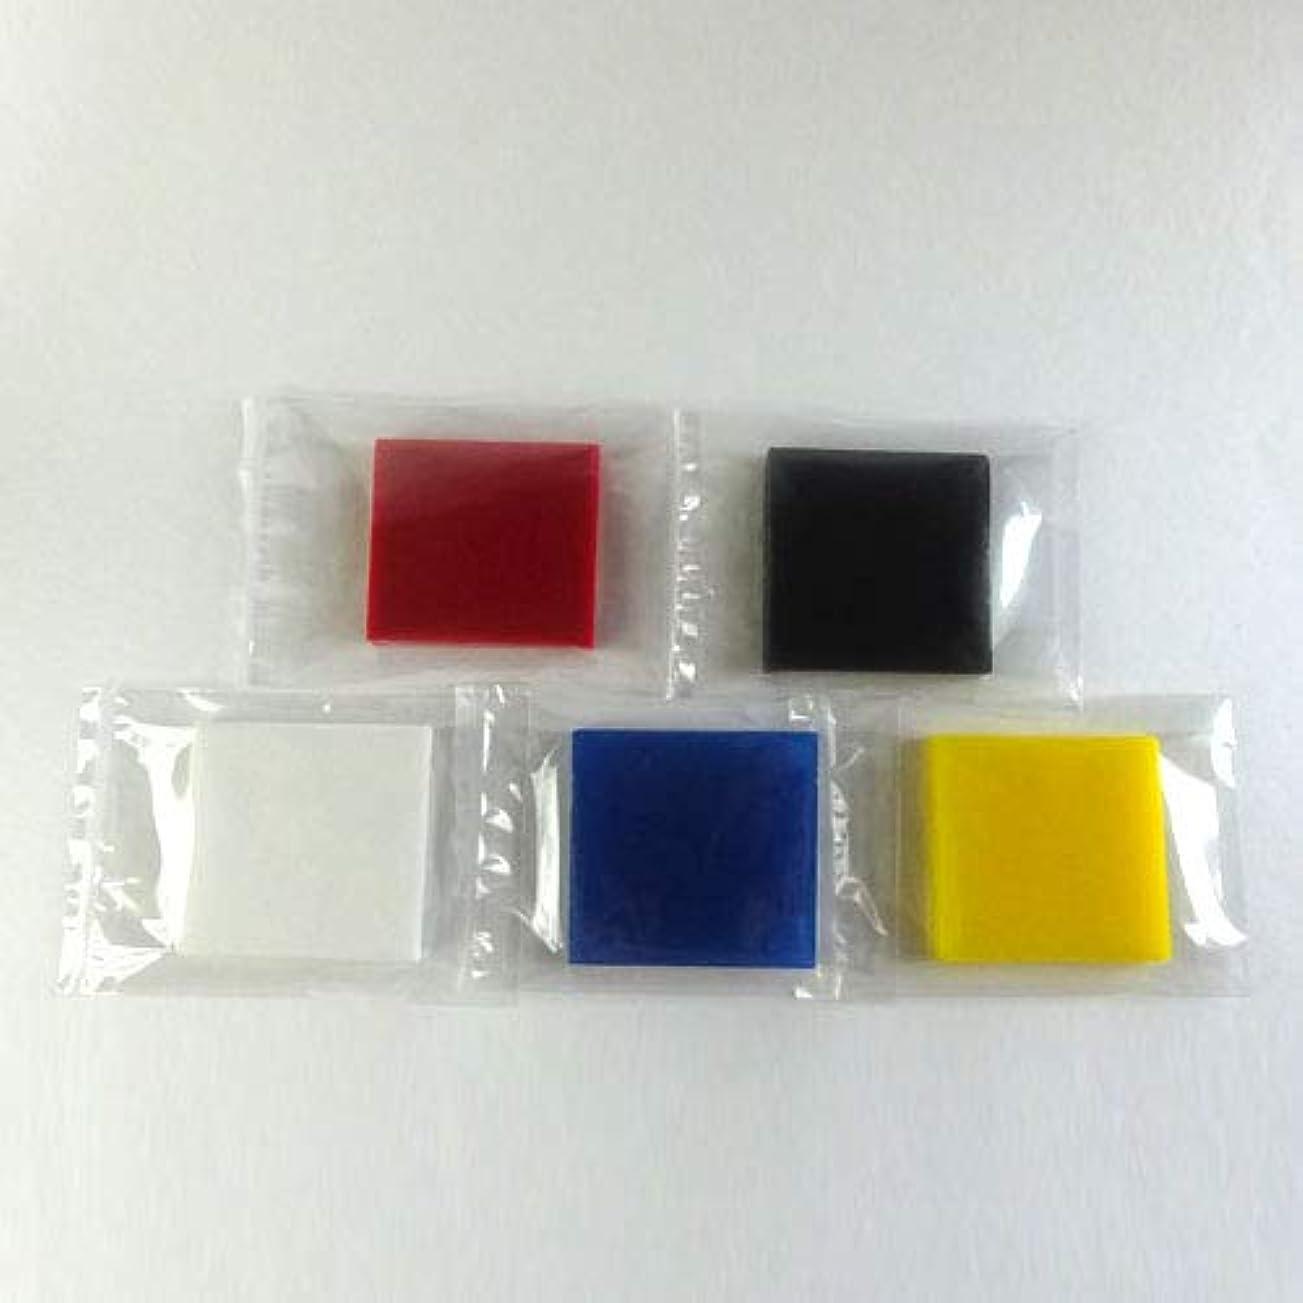 組み立てるペナルティ変成器グリセリンソープ MPソープ 色チップ 5色(赤?青?黄?白?黒) 各60g(30g x 2pc)